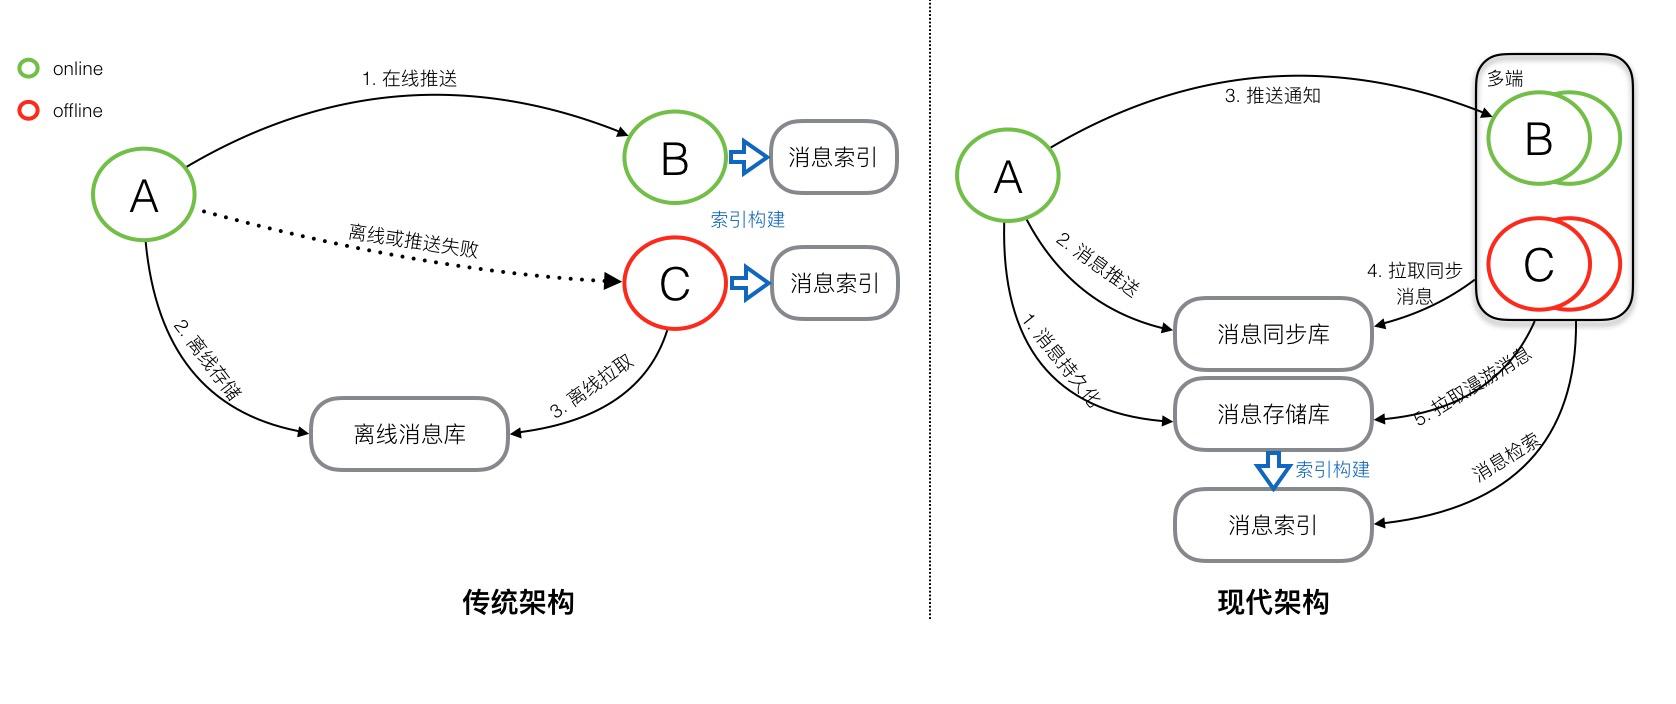 现代IM系统中的消息系统架构——架构篇